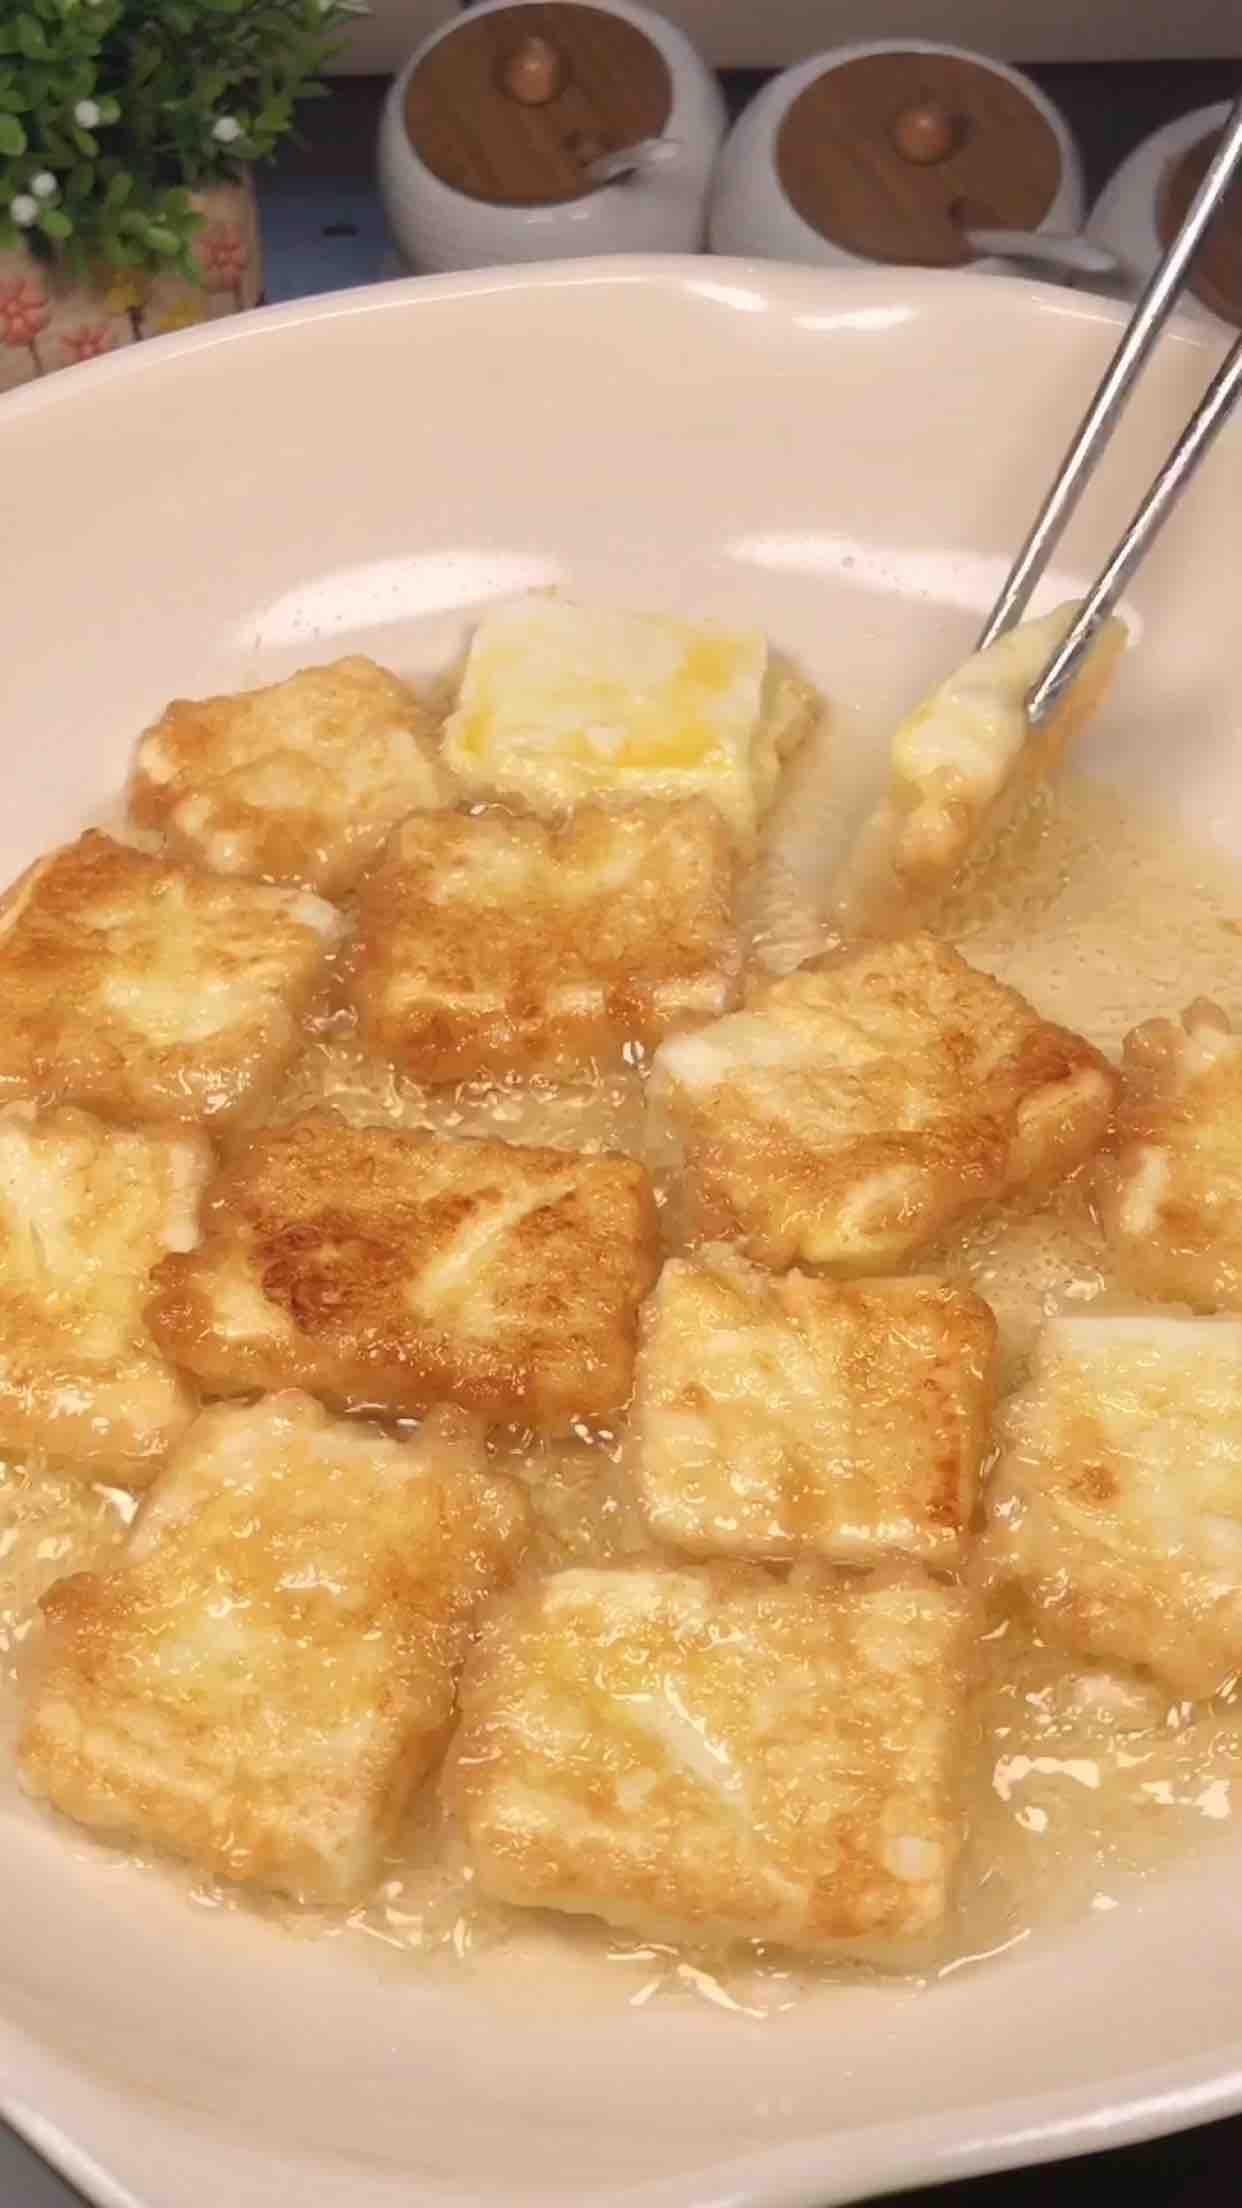 0失败的开胃小菜,香辣豆腐的简单做法